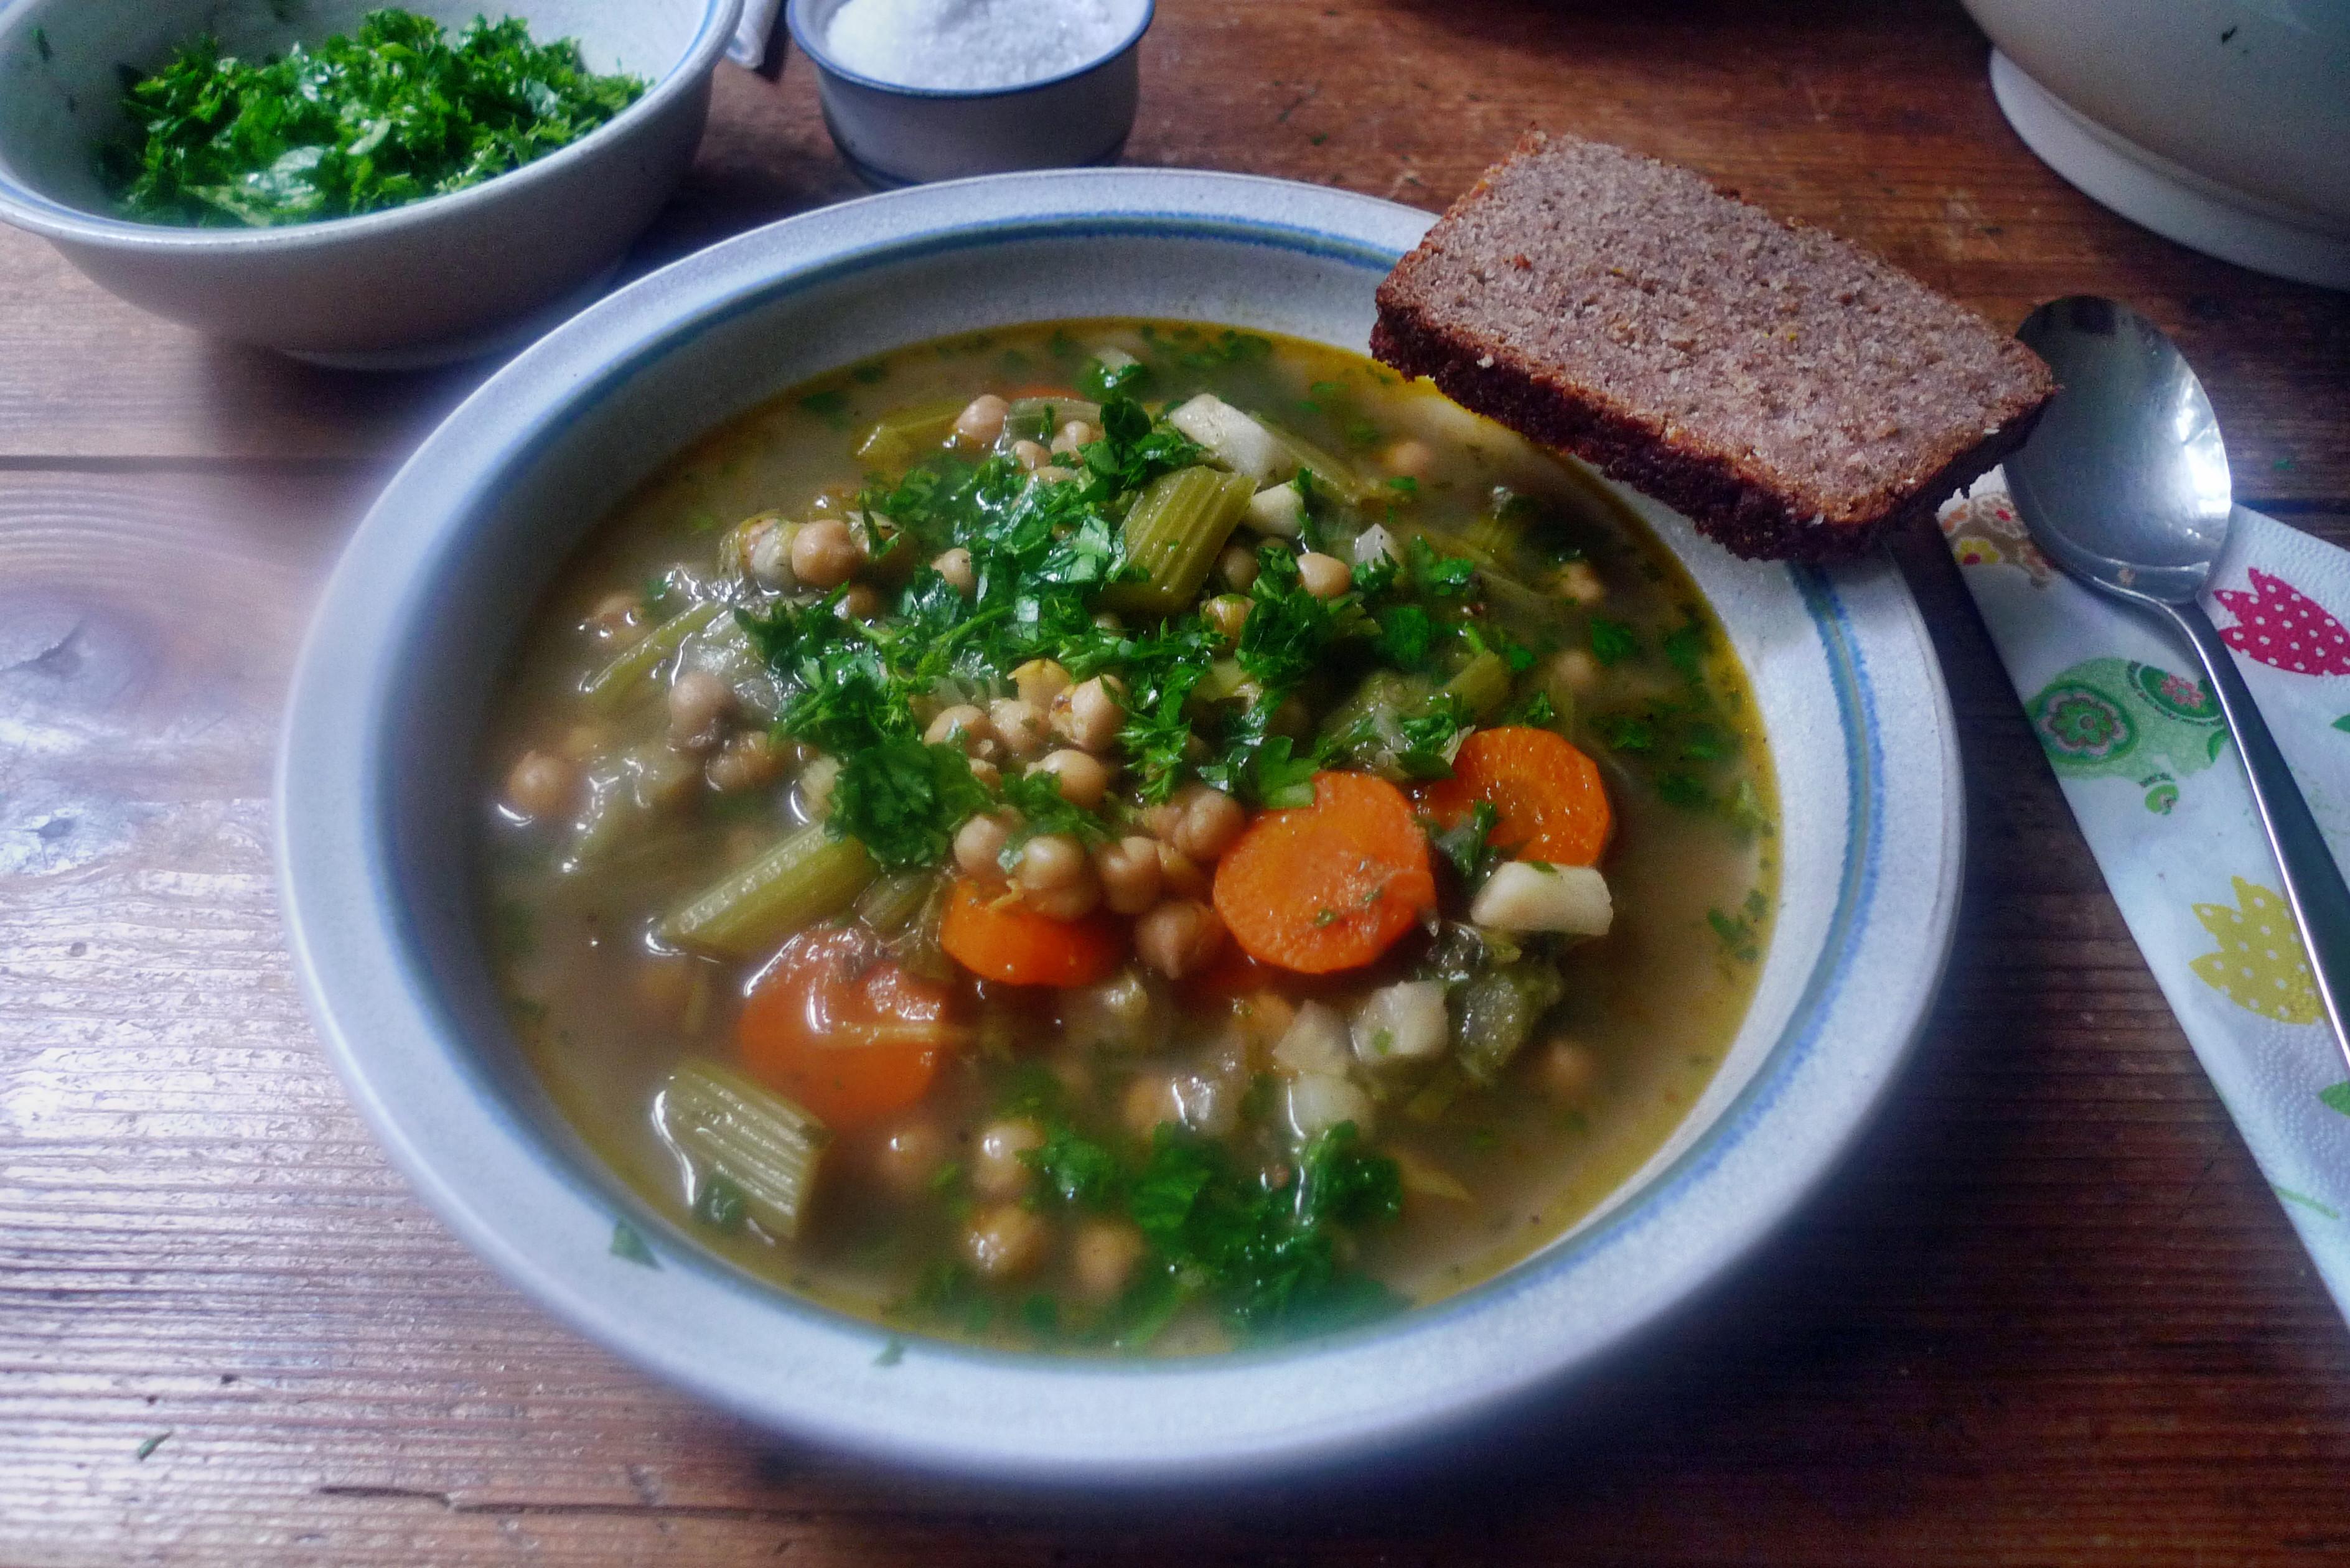 Gemüsesuppe mit Kichererbsen- vegan- 16.10.14   (17)